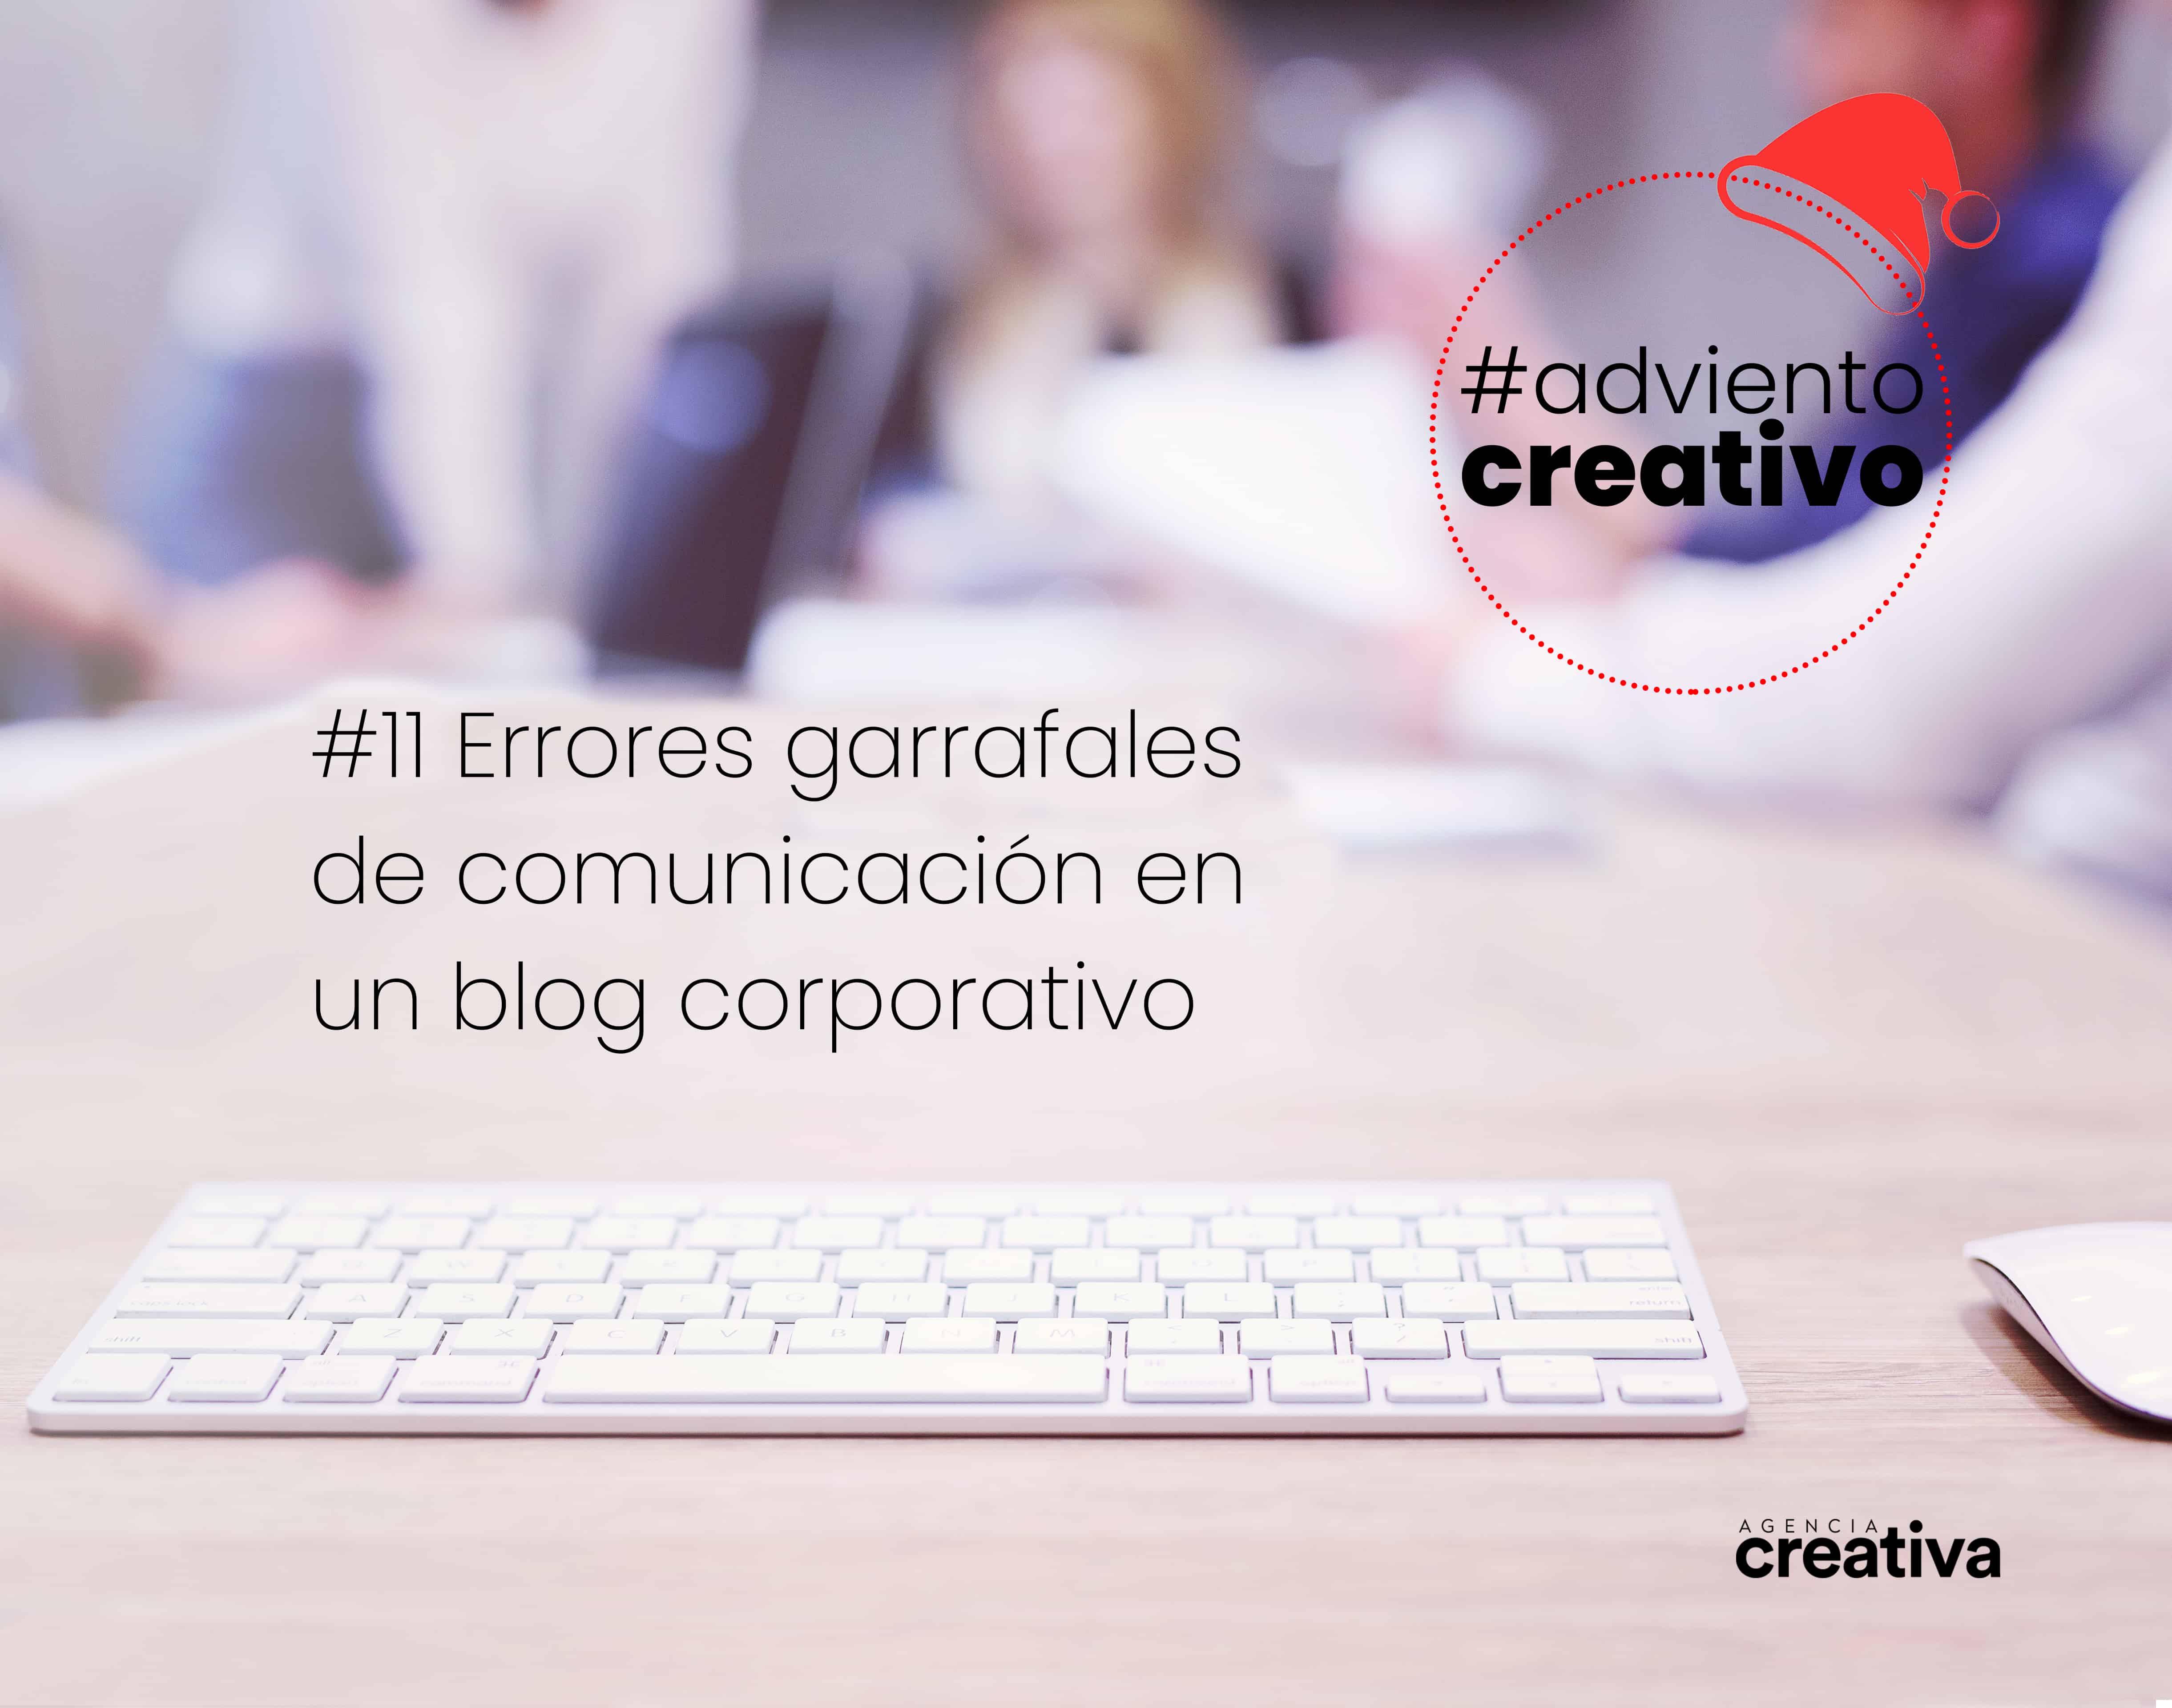 Adviento Creativo 2019: 24 tips de comunicación 6